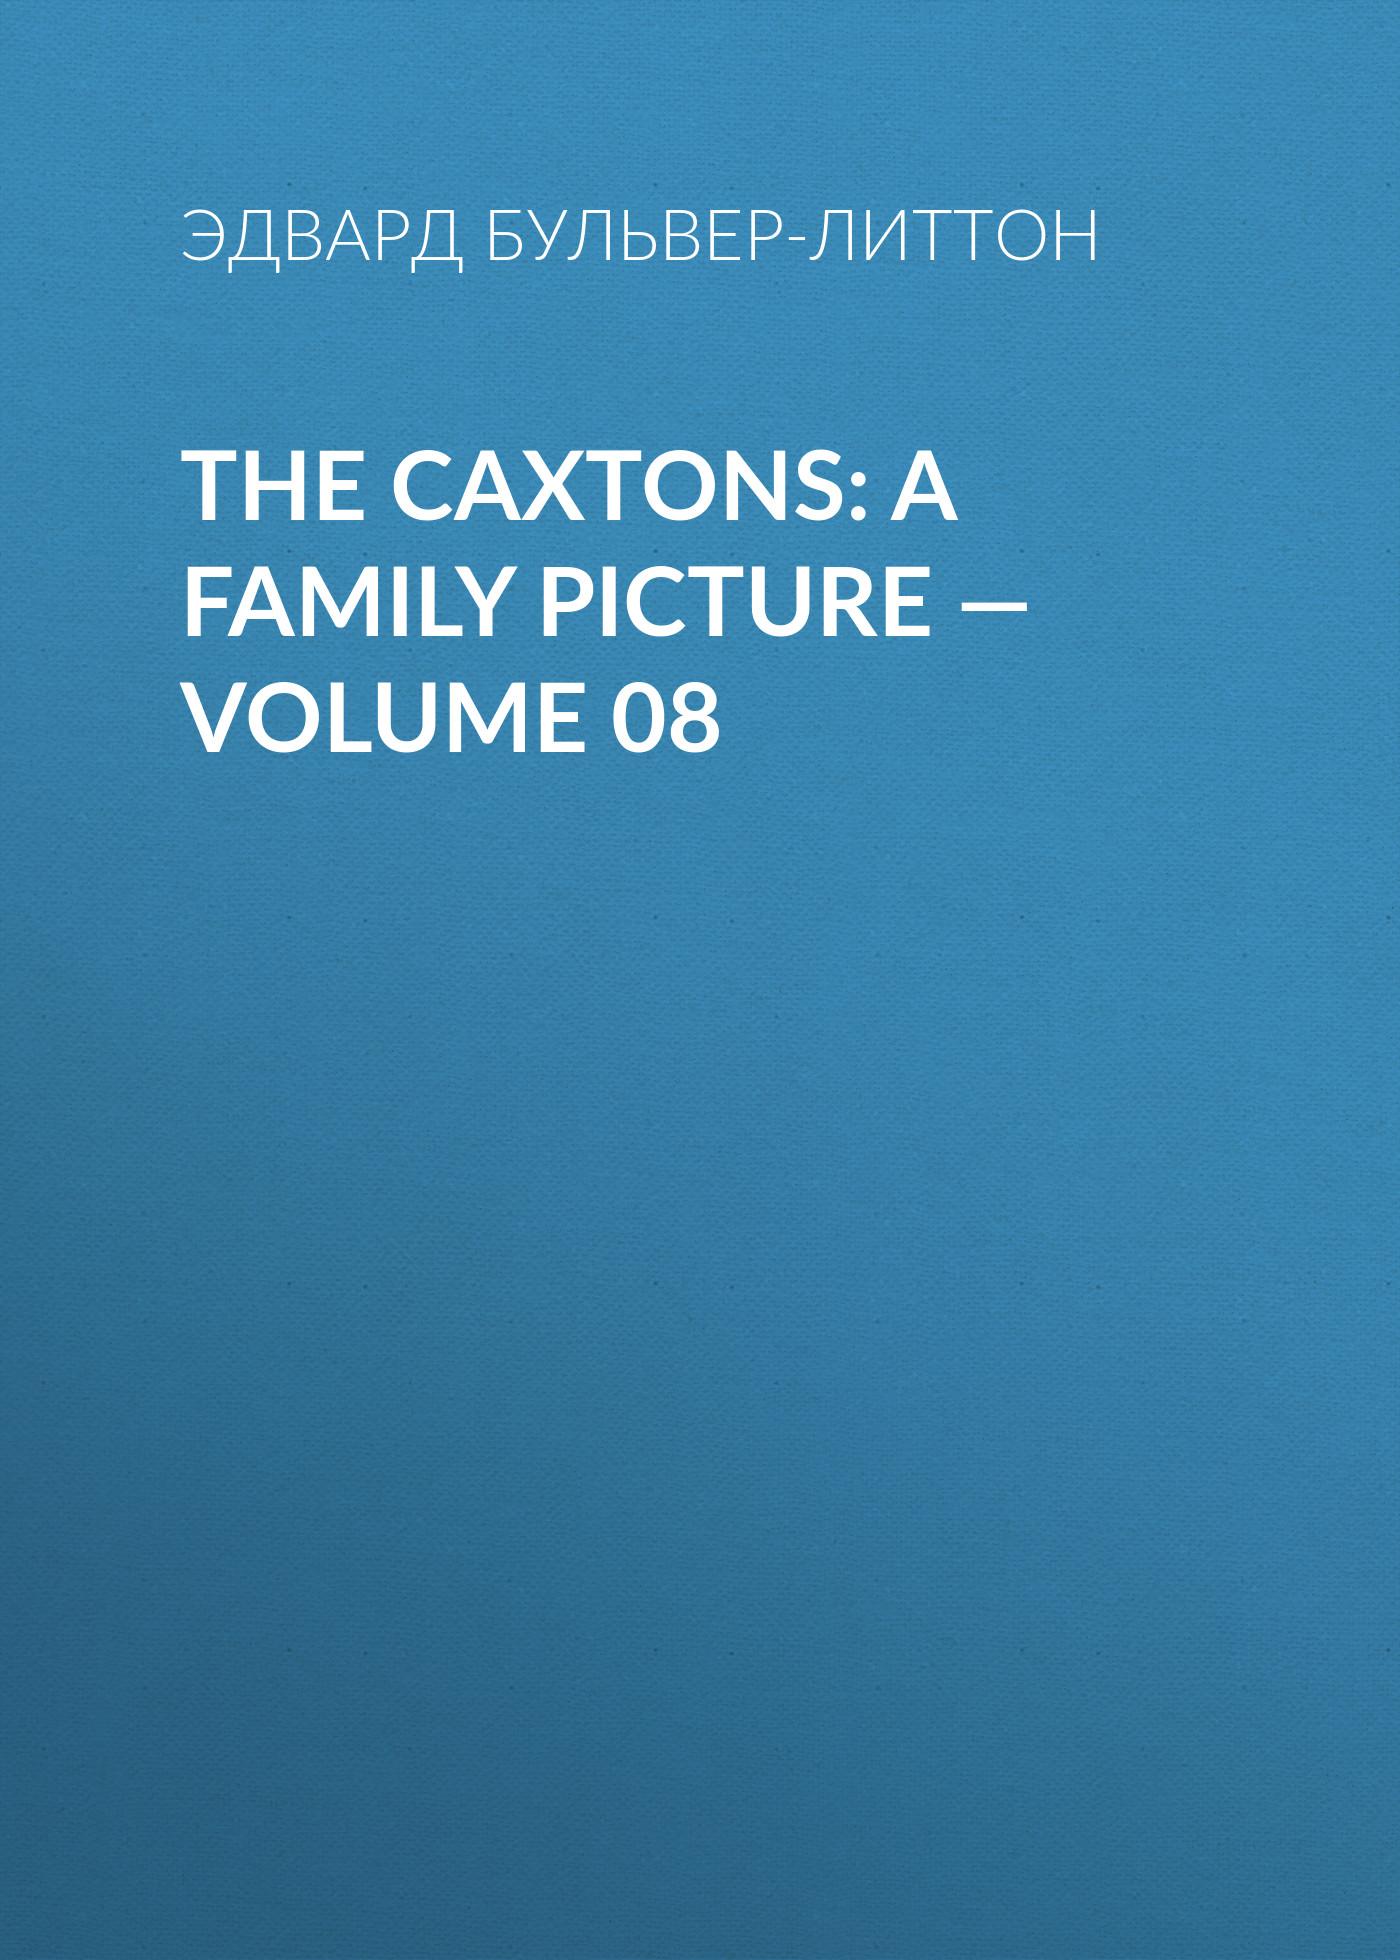 Эдвард Бульвер-Литтон The Caxtons: A Family Picture — Volume 08 эдвард бульвер литтон the caxtons a family picture volume 03